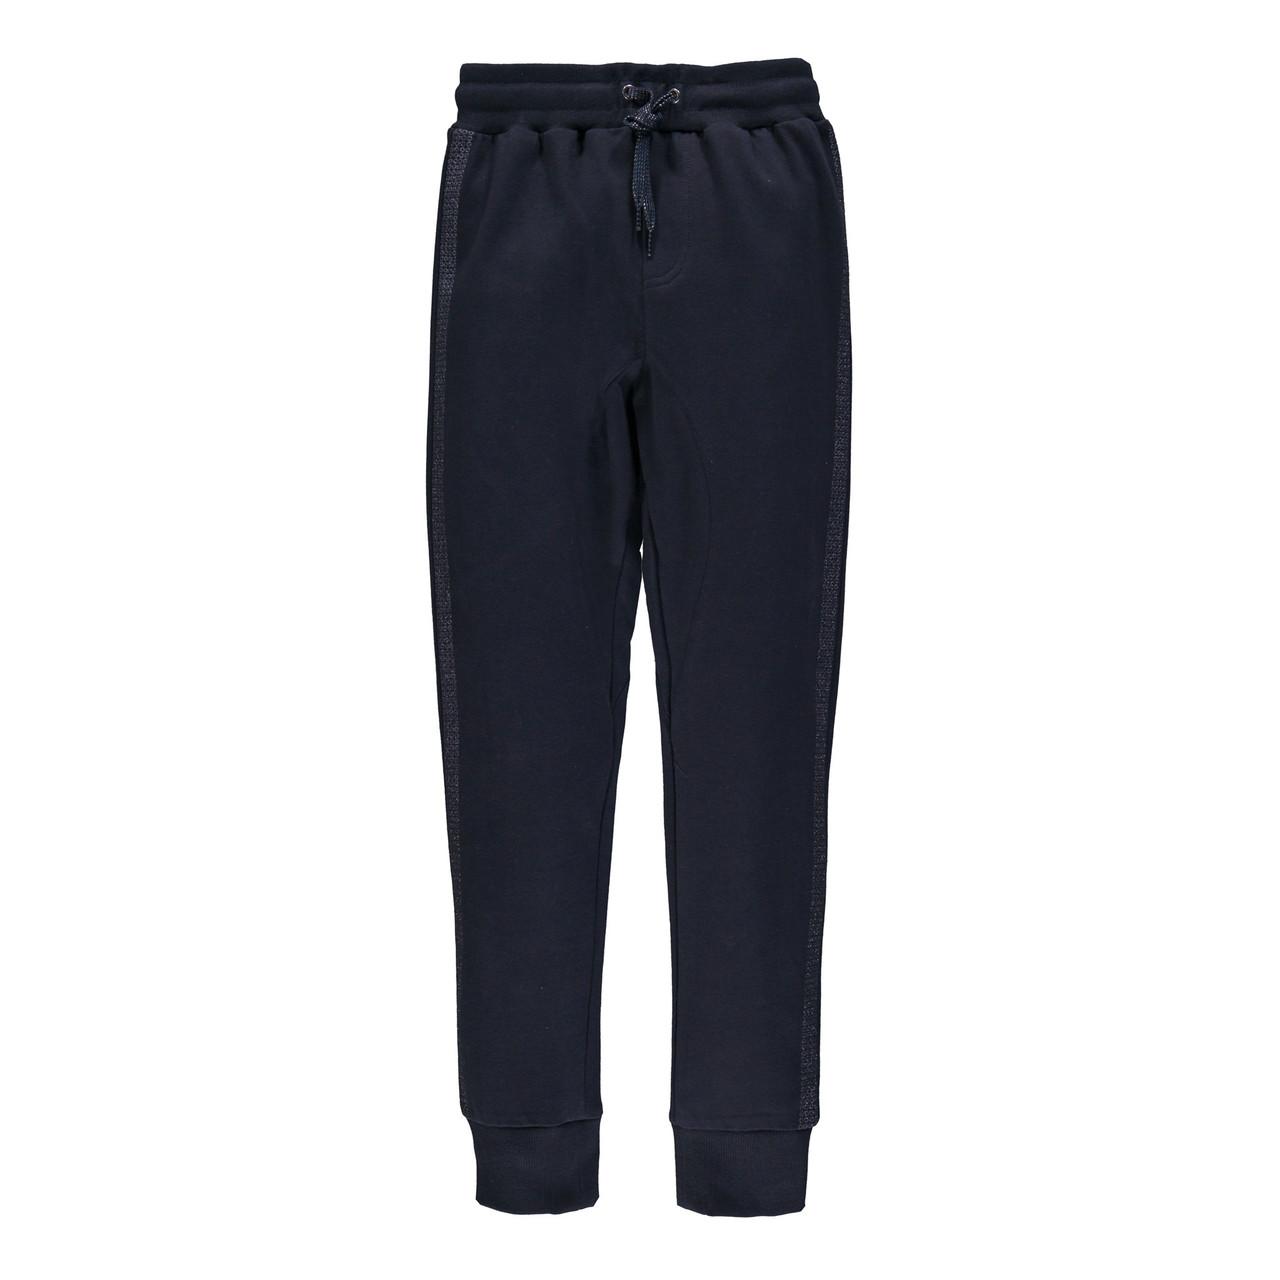 Спортивные  брюки для девочки  Mek (р. 140-164)  191MIBM001-288 синие